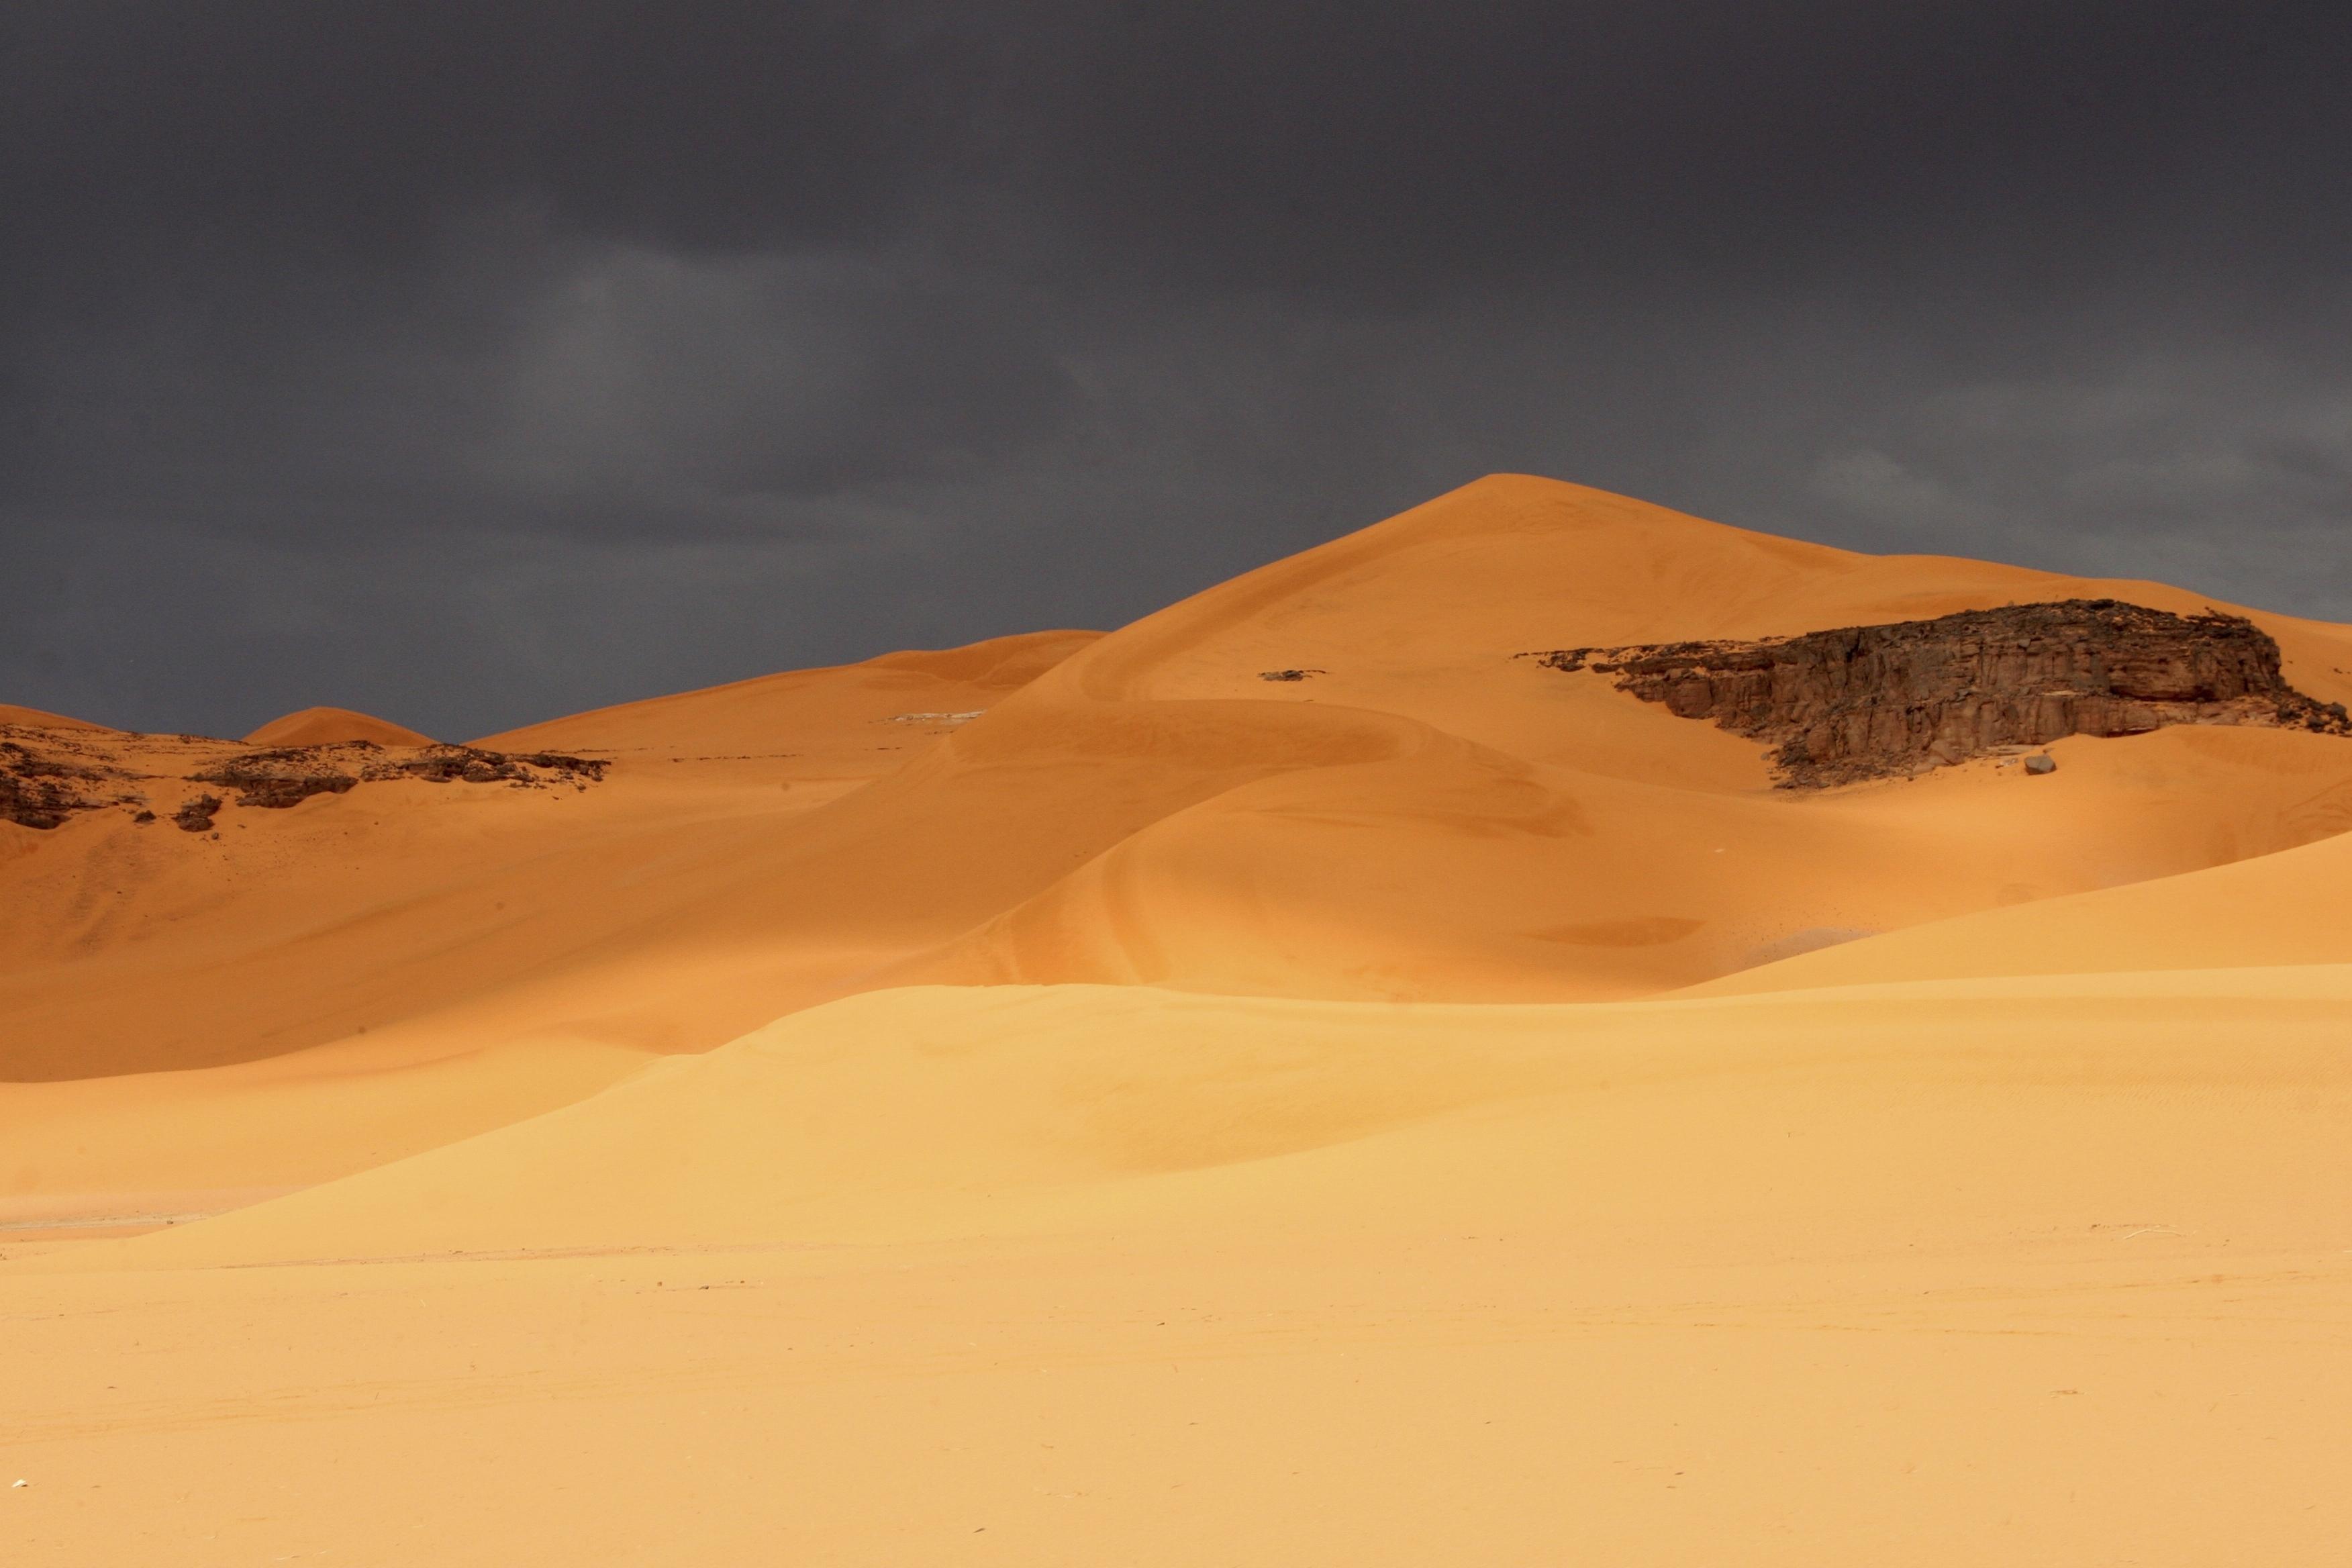 Storm over Algerian dunes